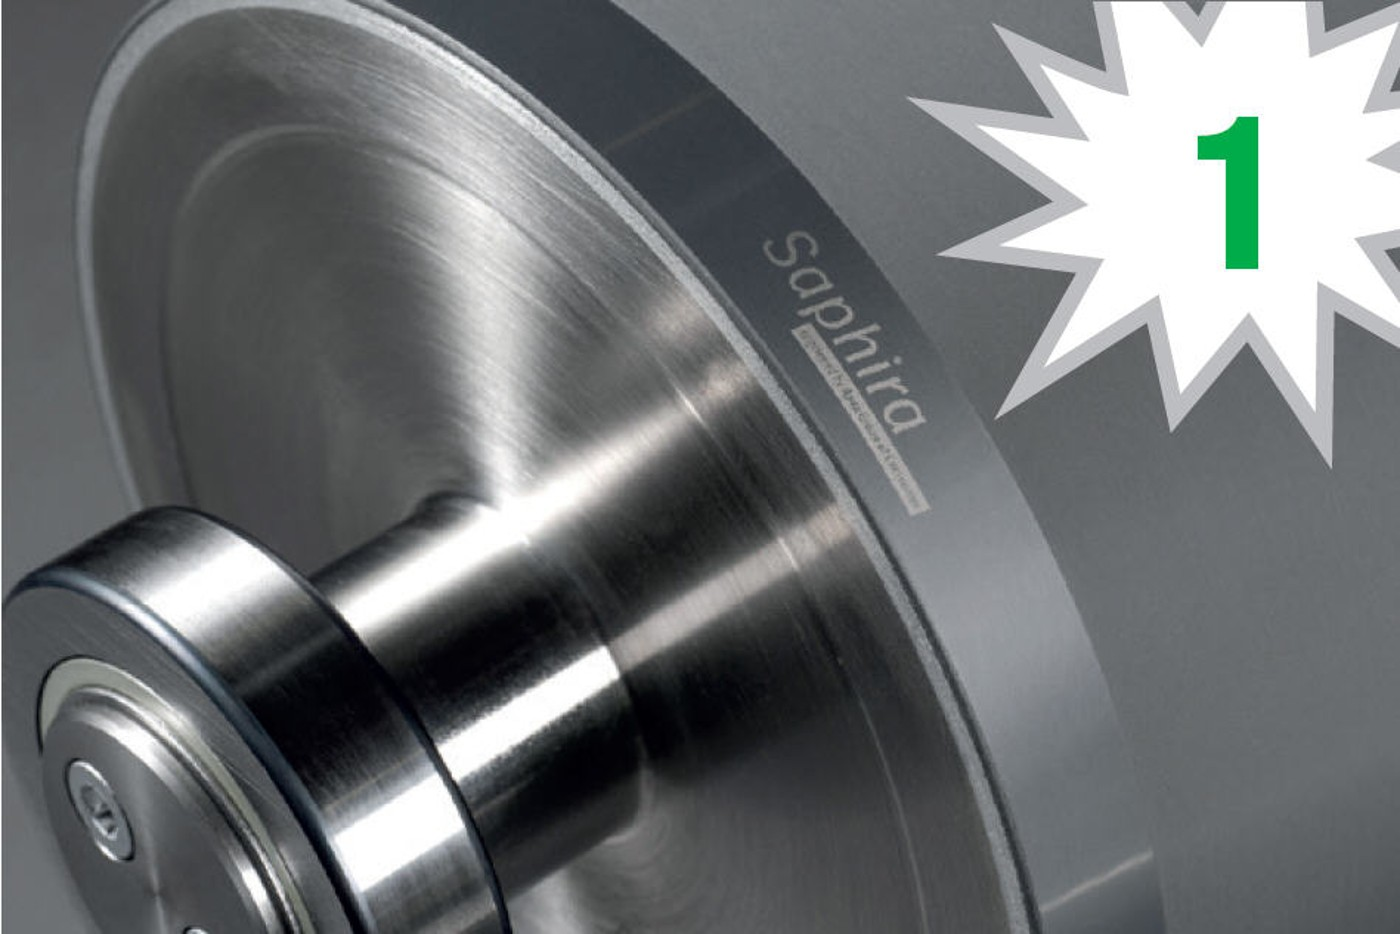 Heidelberg-Saphira-Anilox-GTT-Roller-Secret1